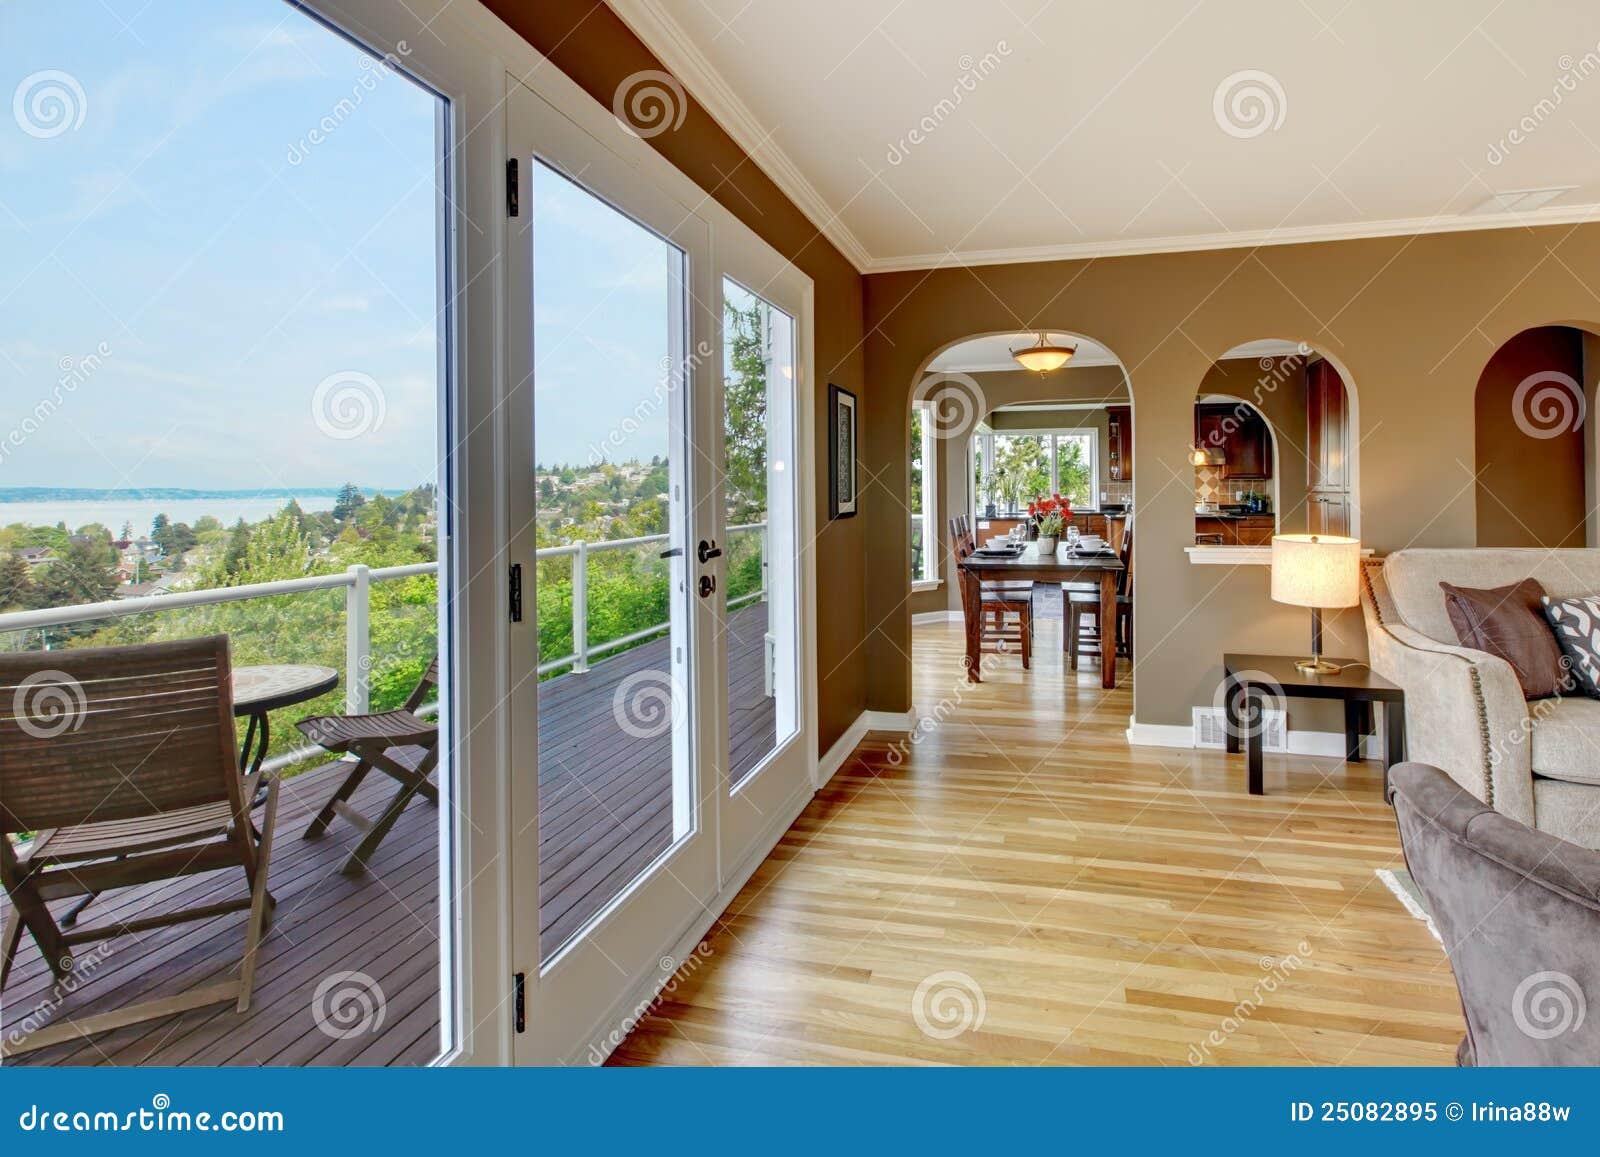 Woonkamer Zwart Bruin : De bruine woonkamer van de luxe met hardhoutvloeren stock